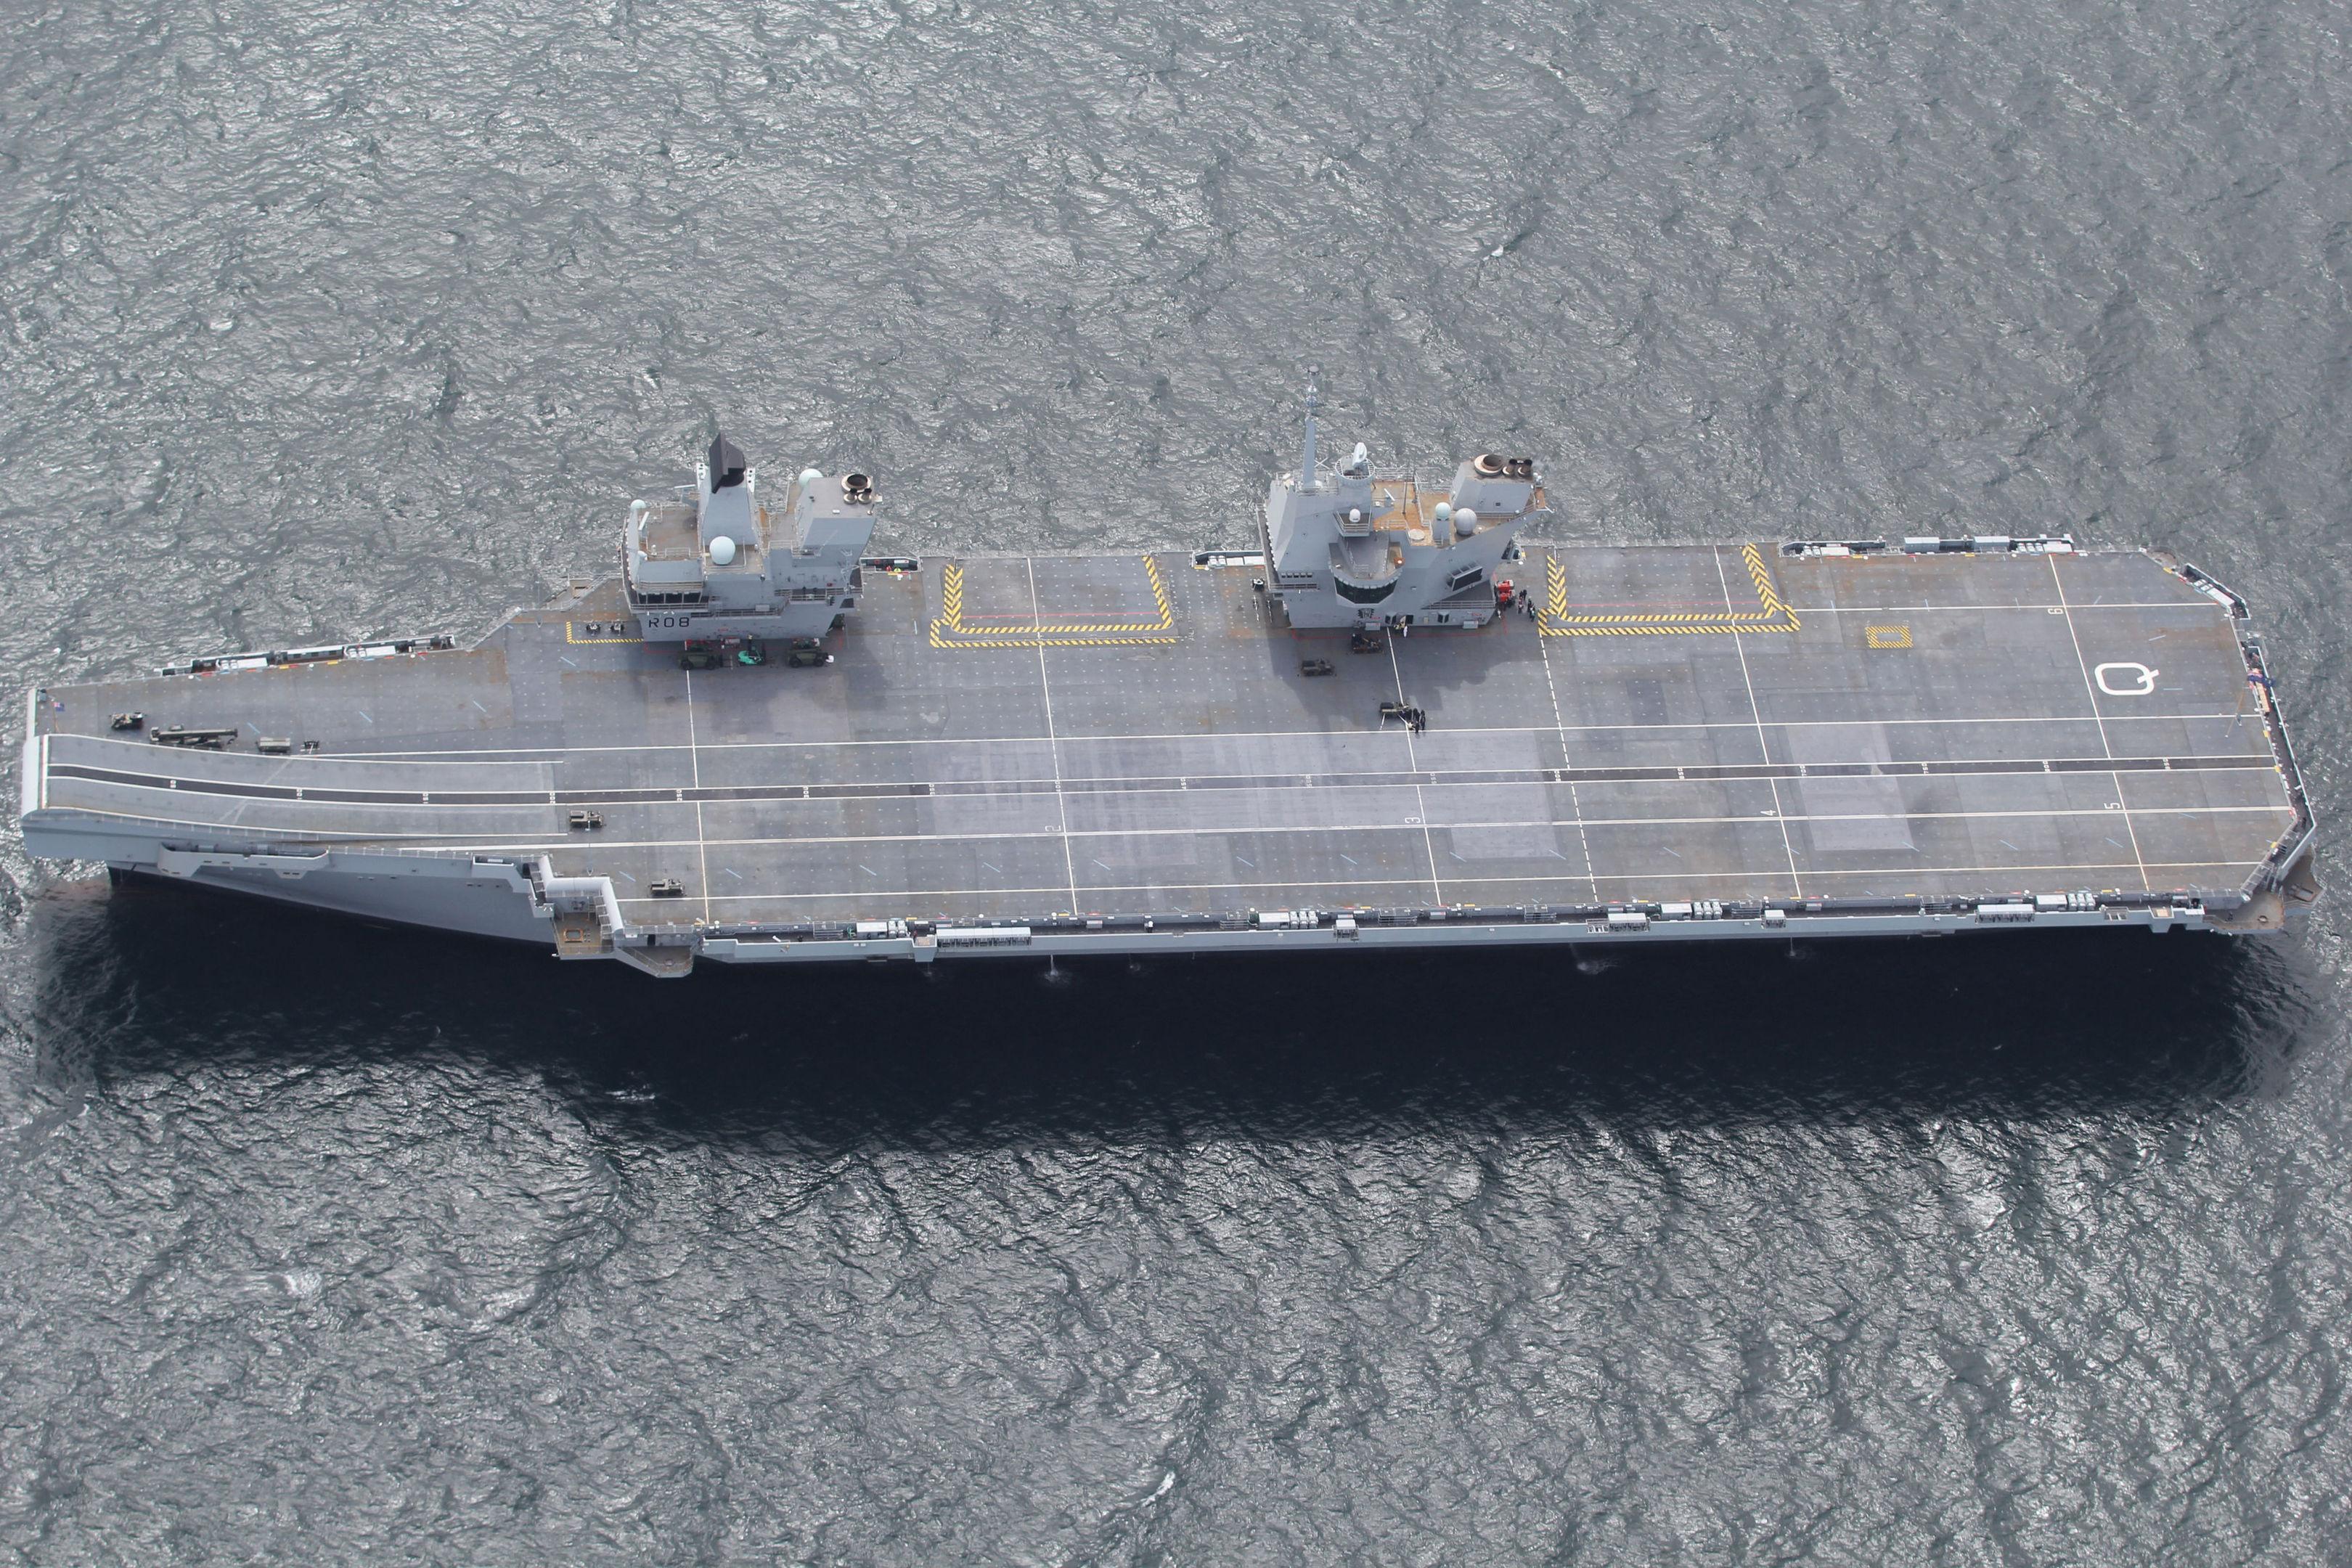 HMS Queen Elizabeth off the coast of Scotland.